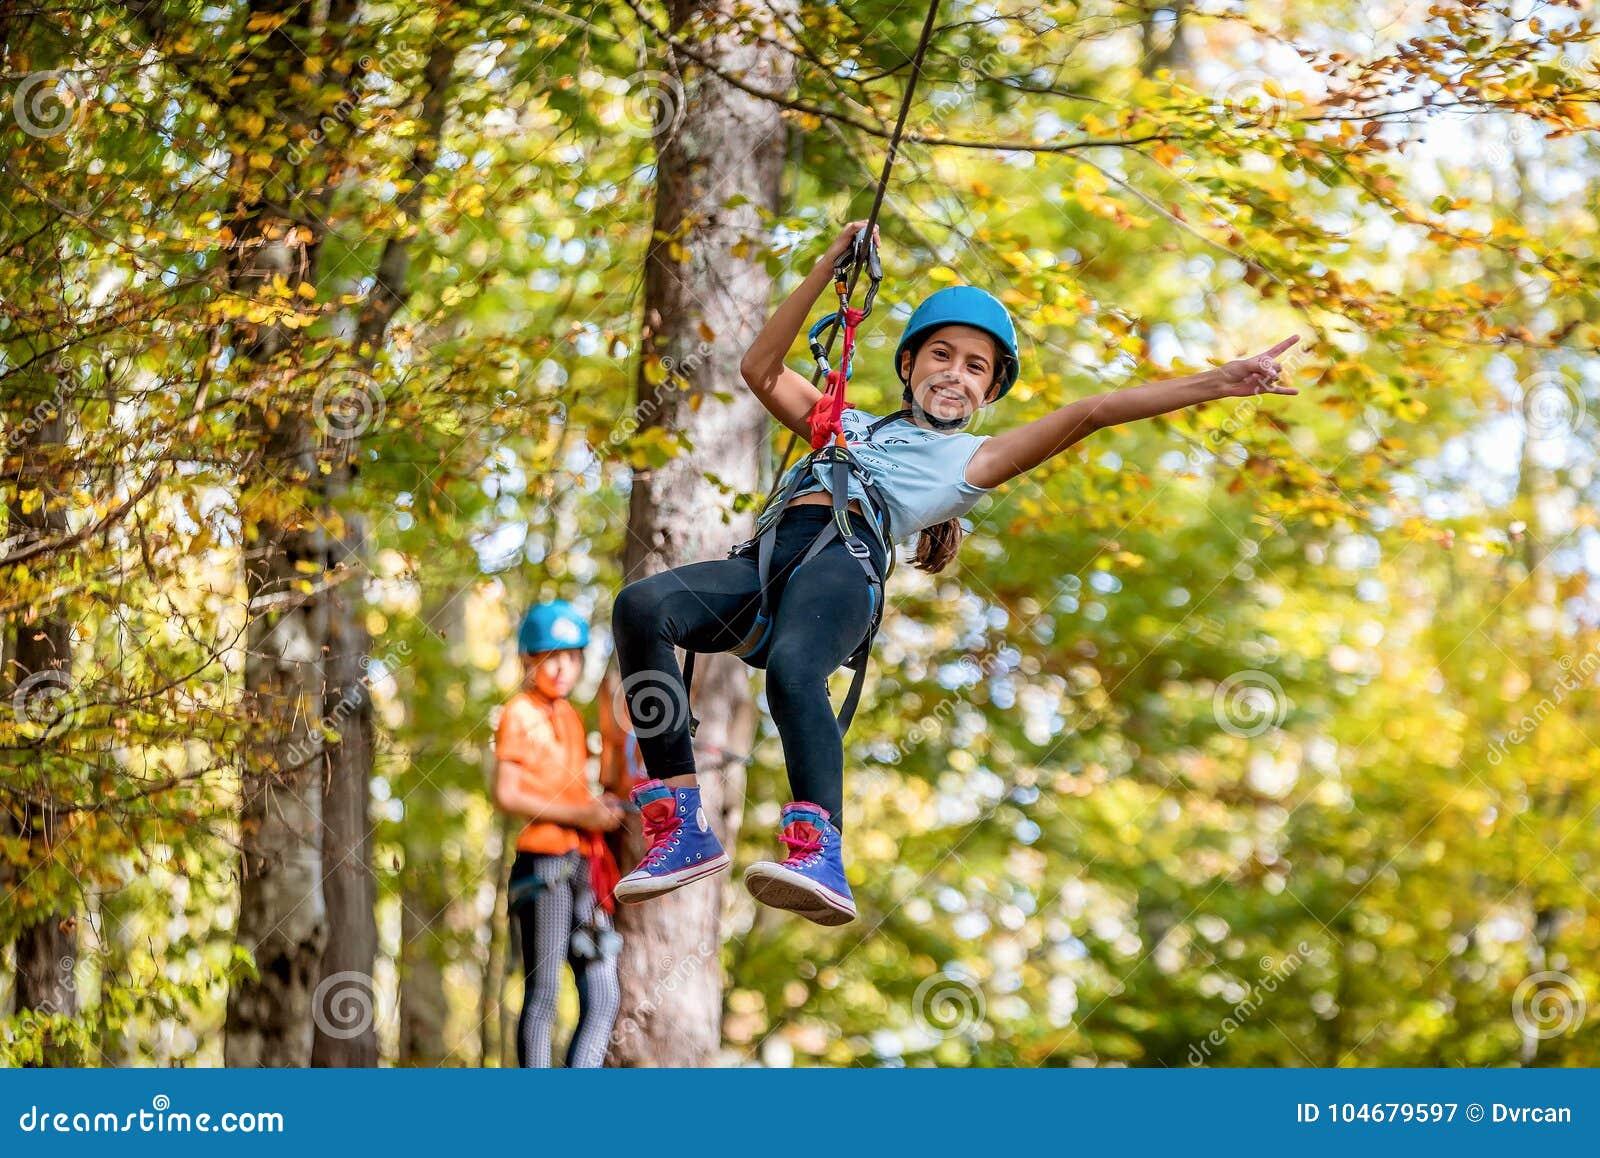 Bella bambina divertendosi nel parco di avventura, Montenegro